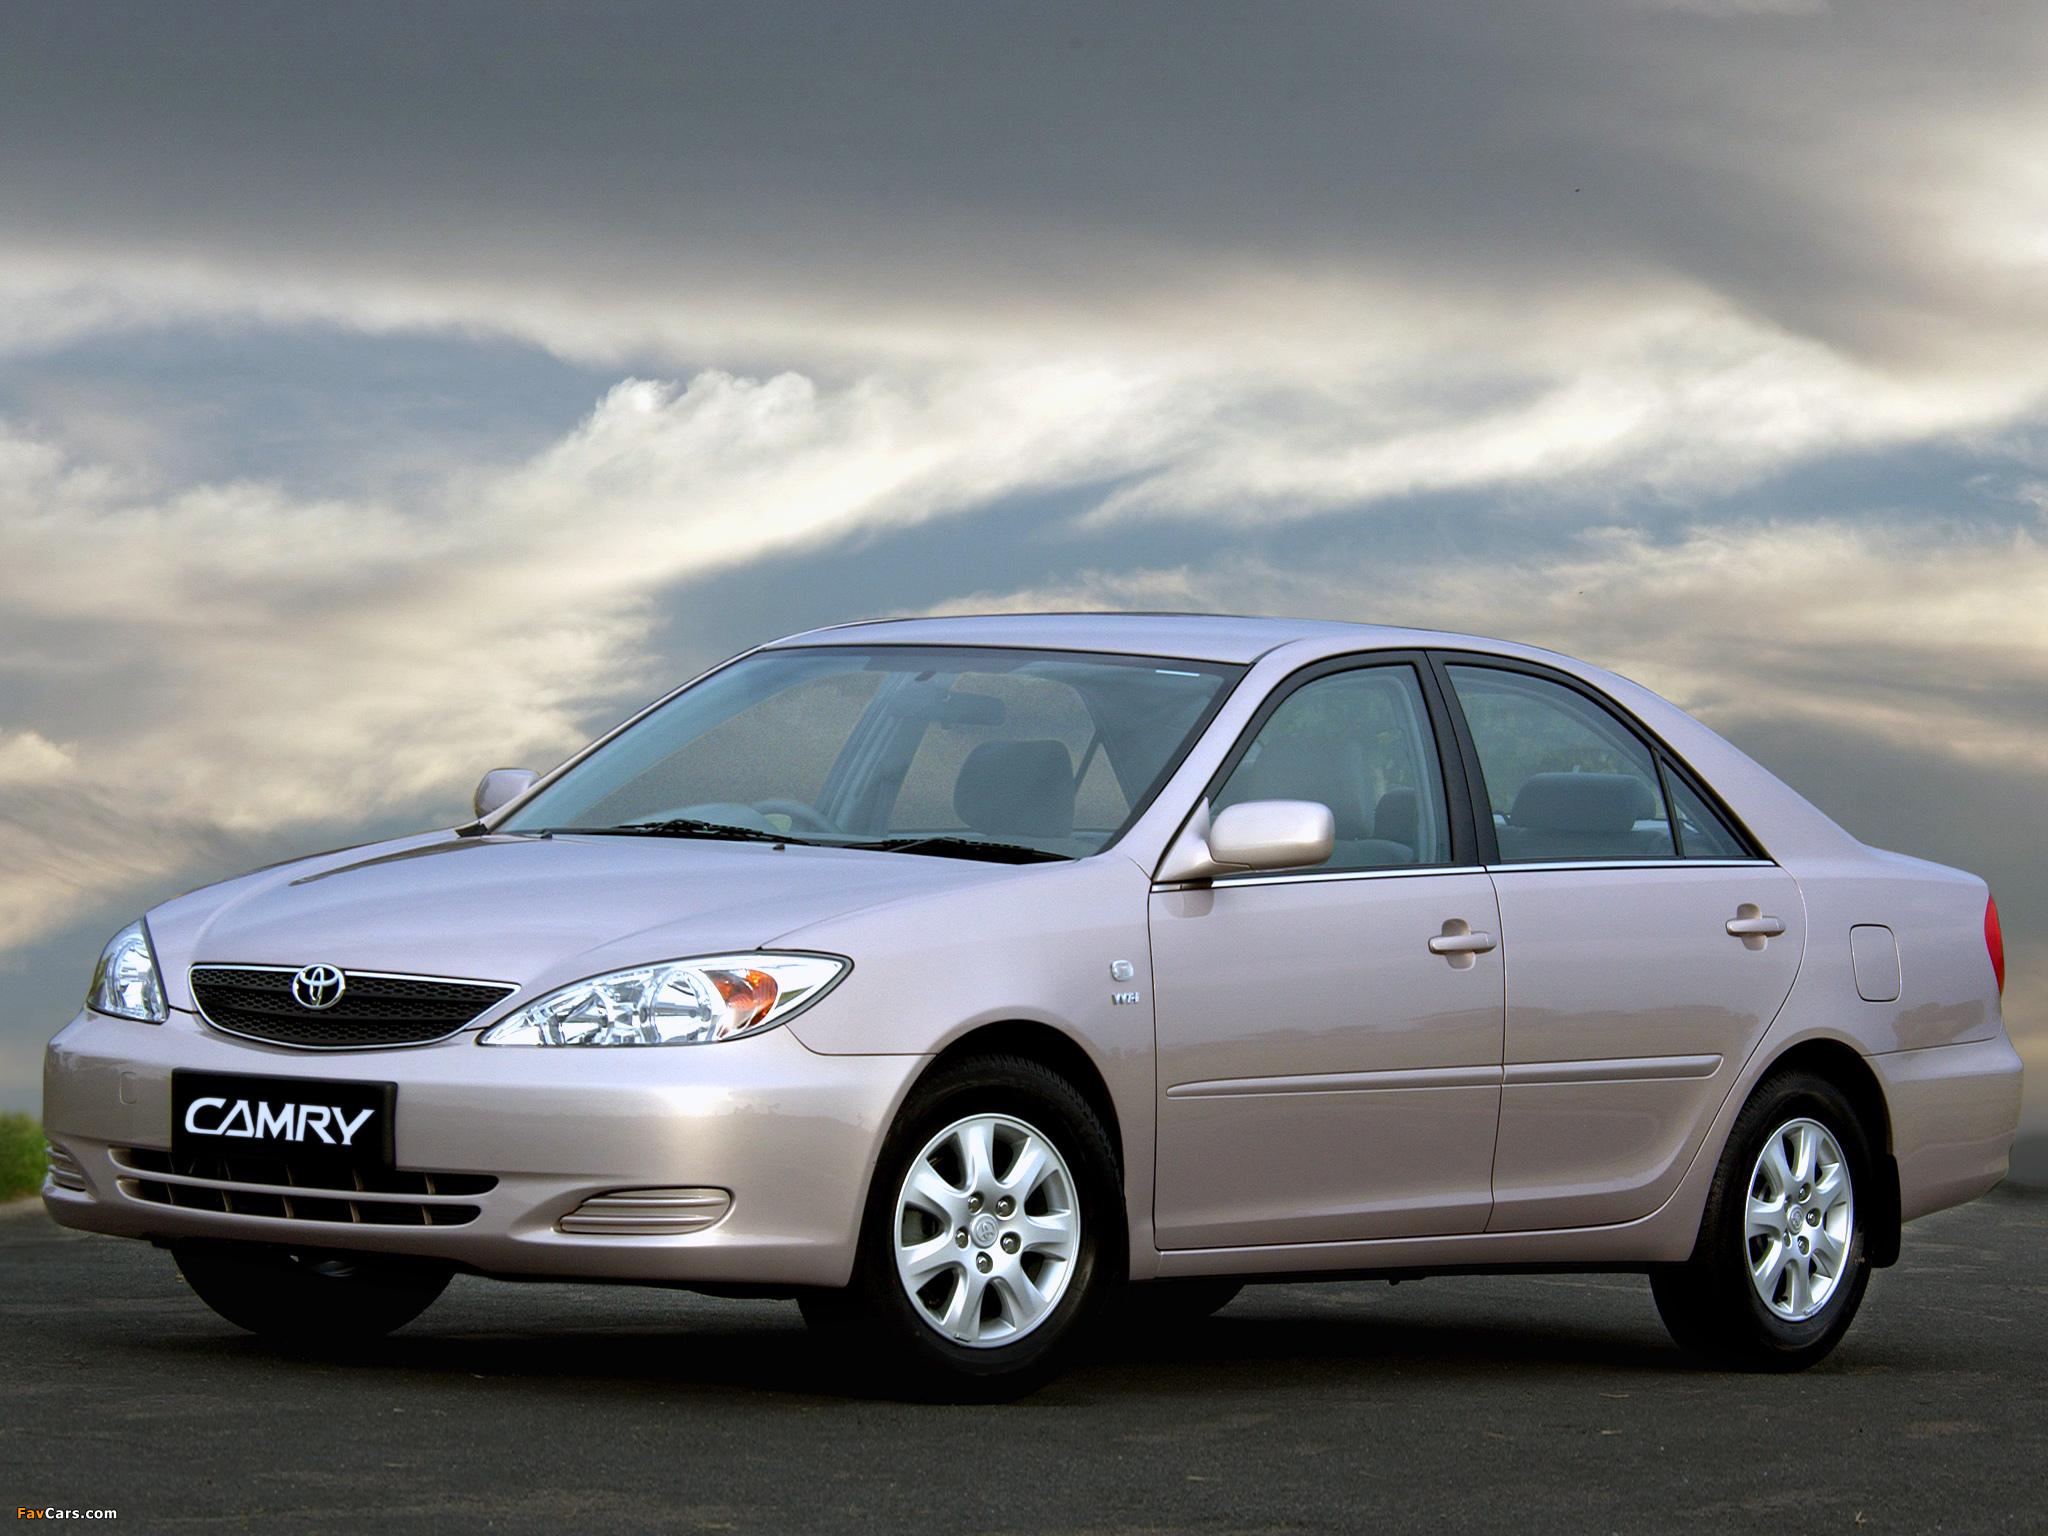 Toyota Camry (ACV30) - Revolvy